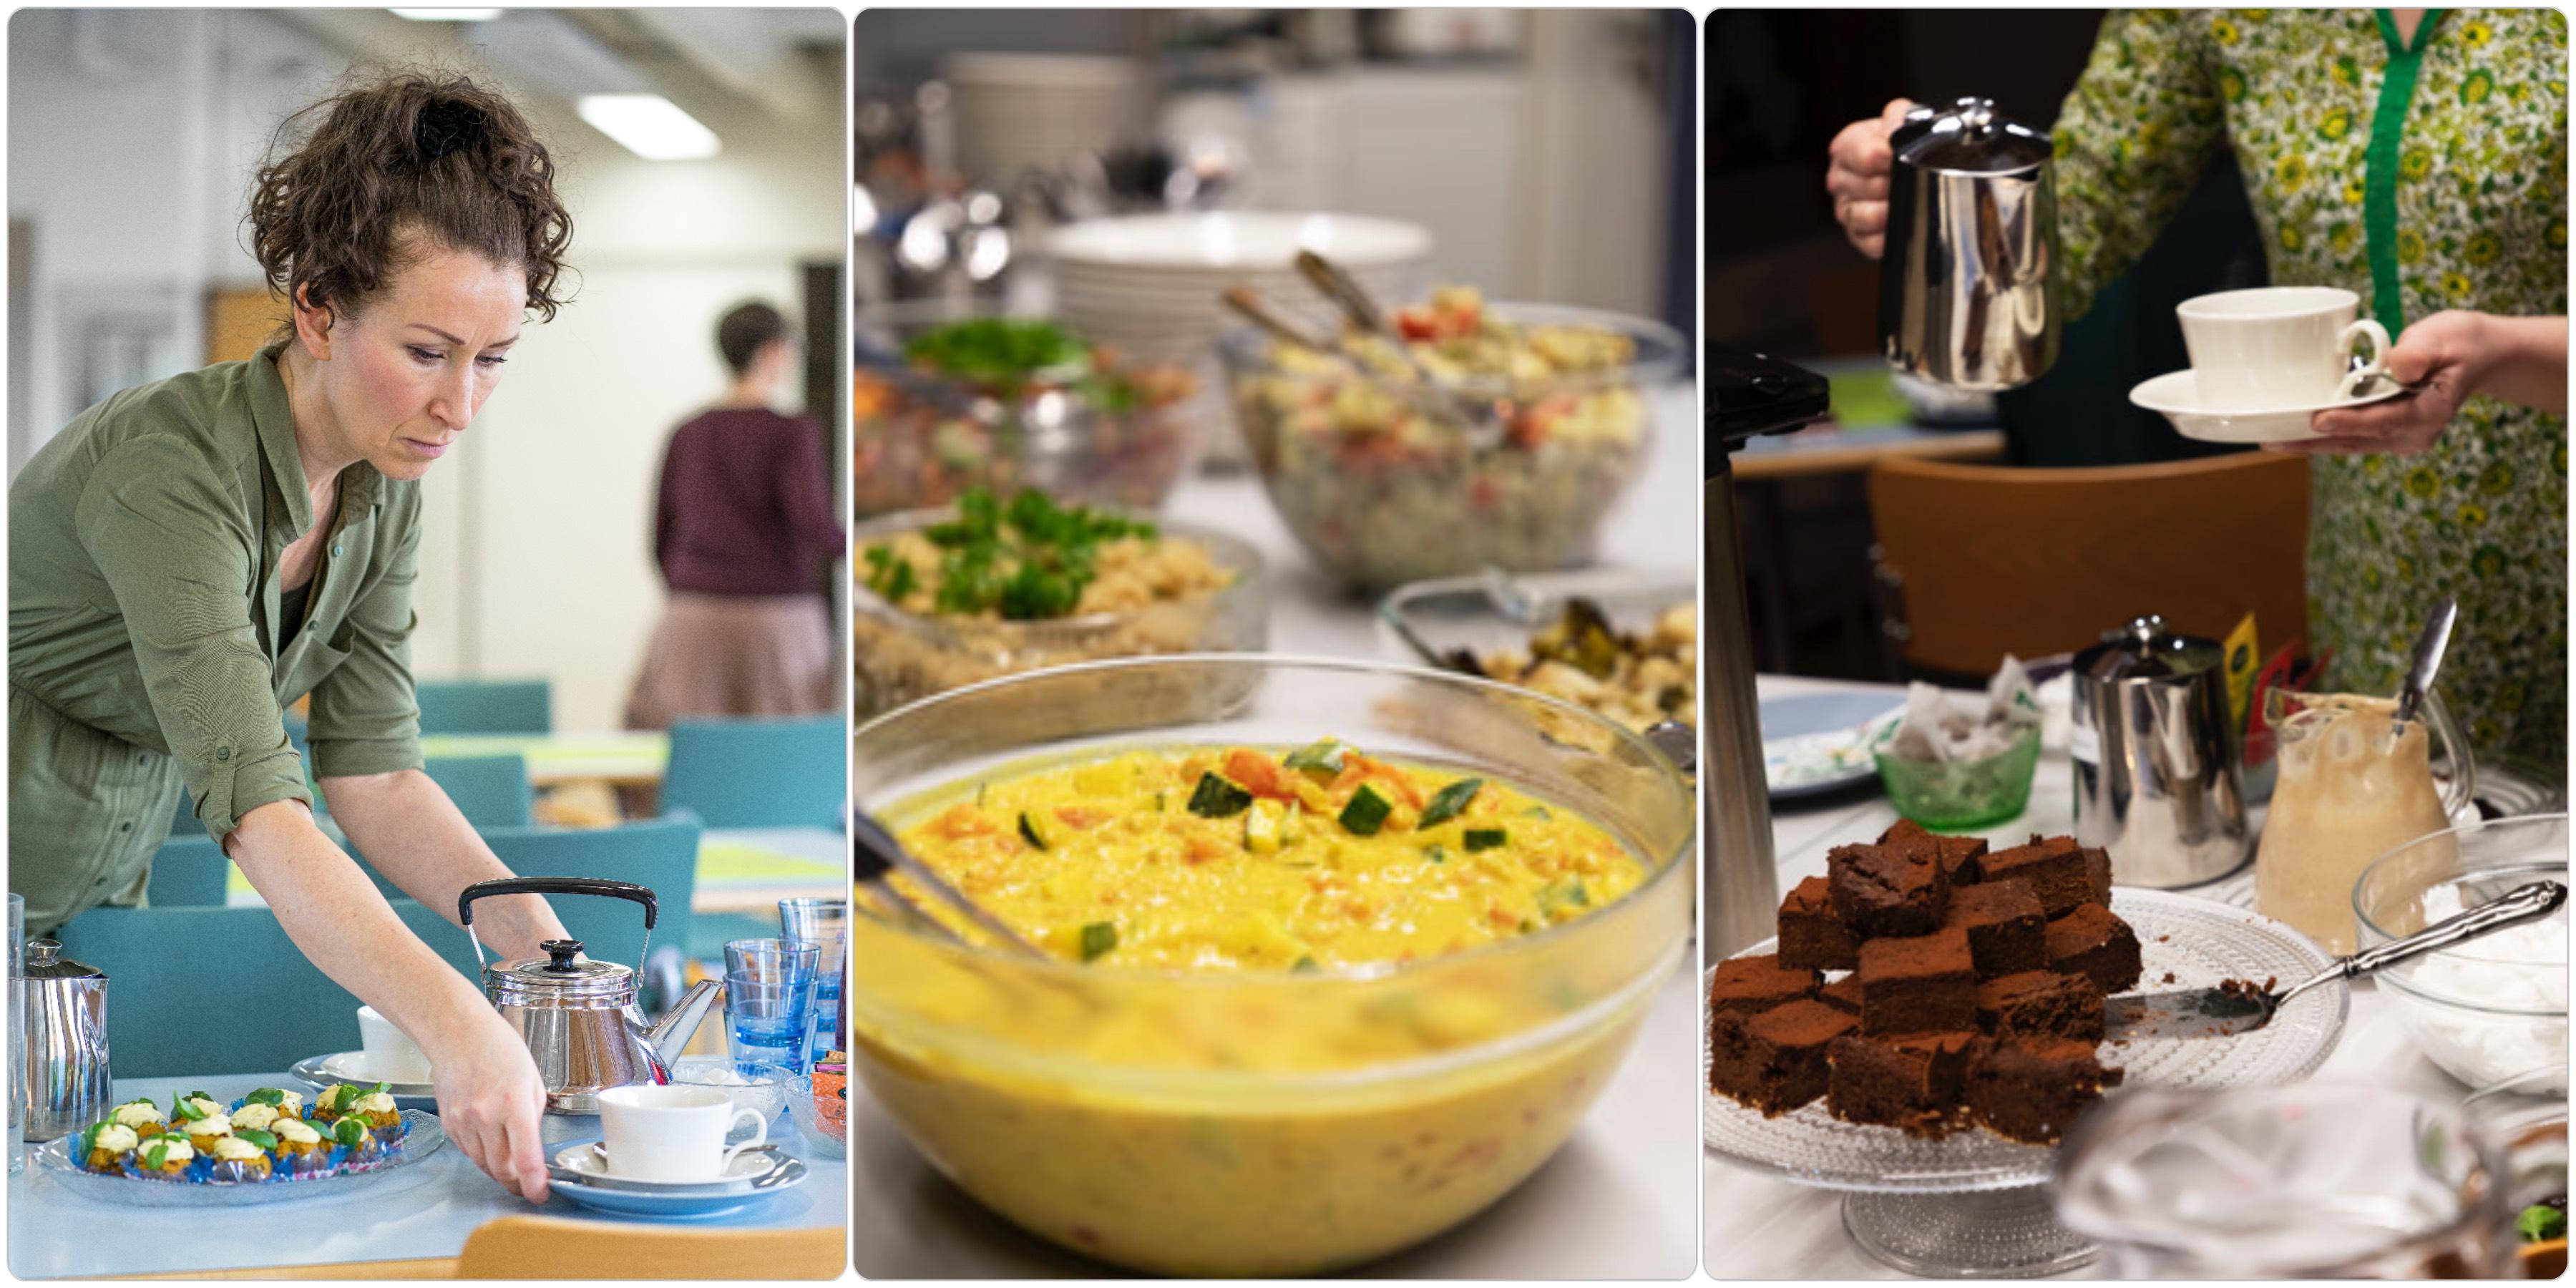 Tarjolla herkullinen vegaaninen ja gluteeniton kolmen lajin illallinen osana tapahtumakokonaisuutta 27.11.2020 Iittalassa